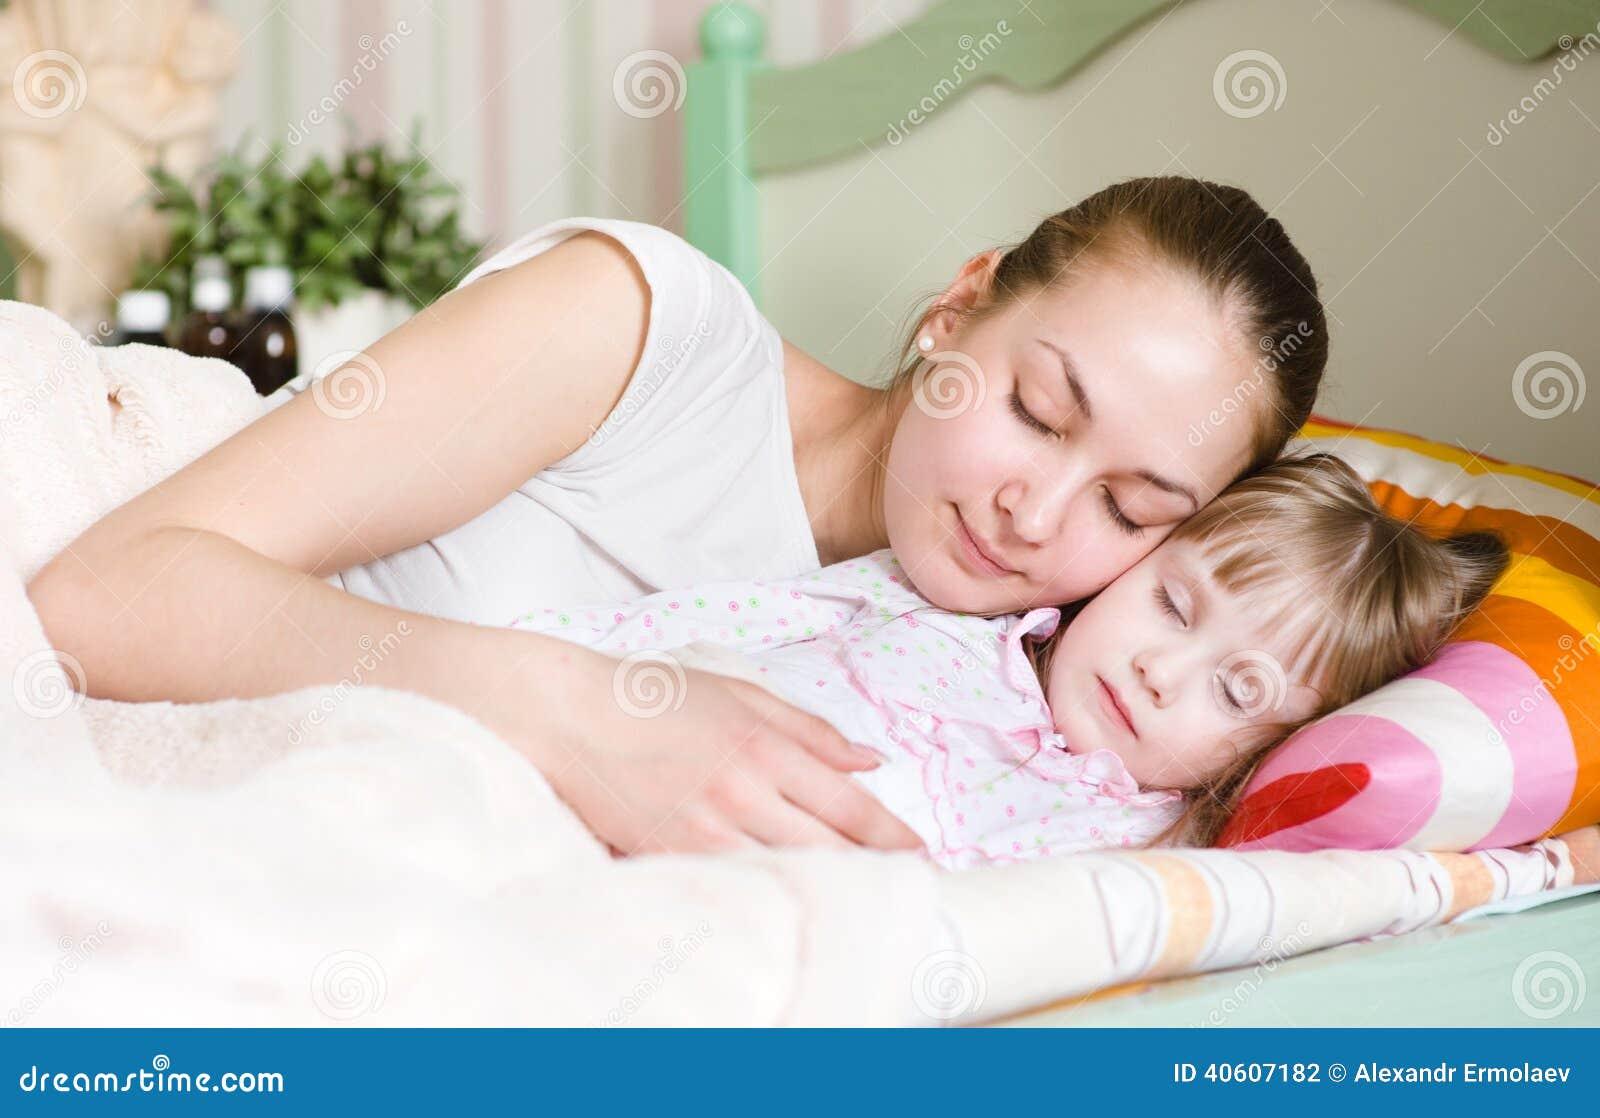 Сын трахнул спящую мать в рот, Похотливый сын поимел спящую маму в рот и пизду 25 фотография